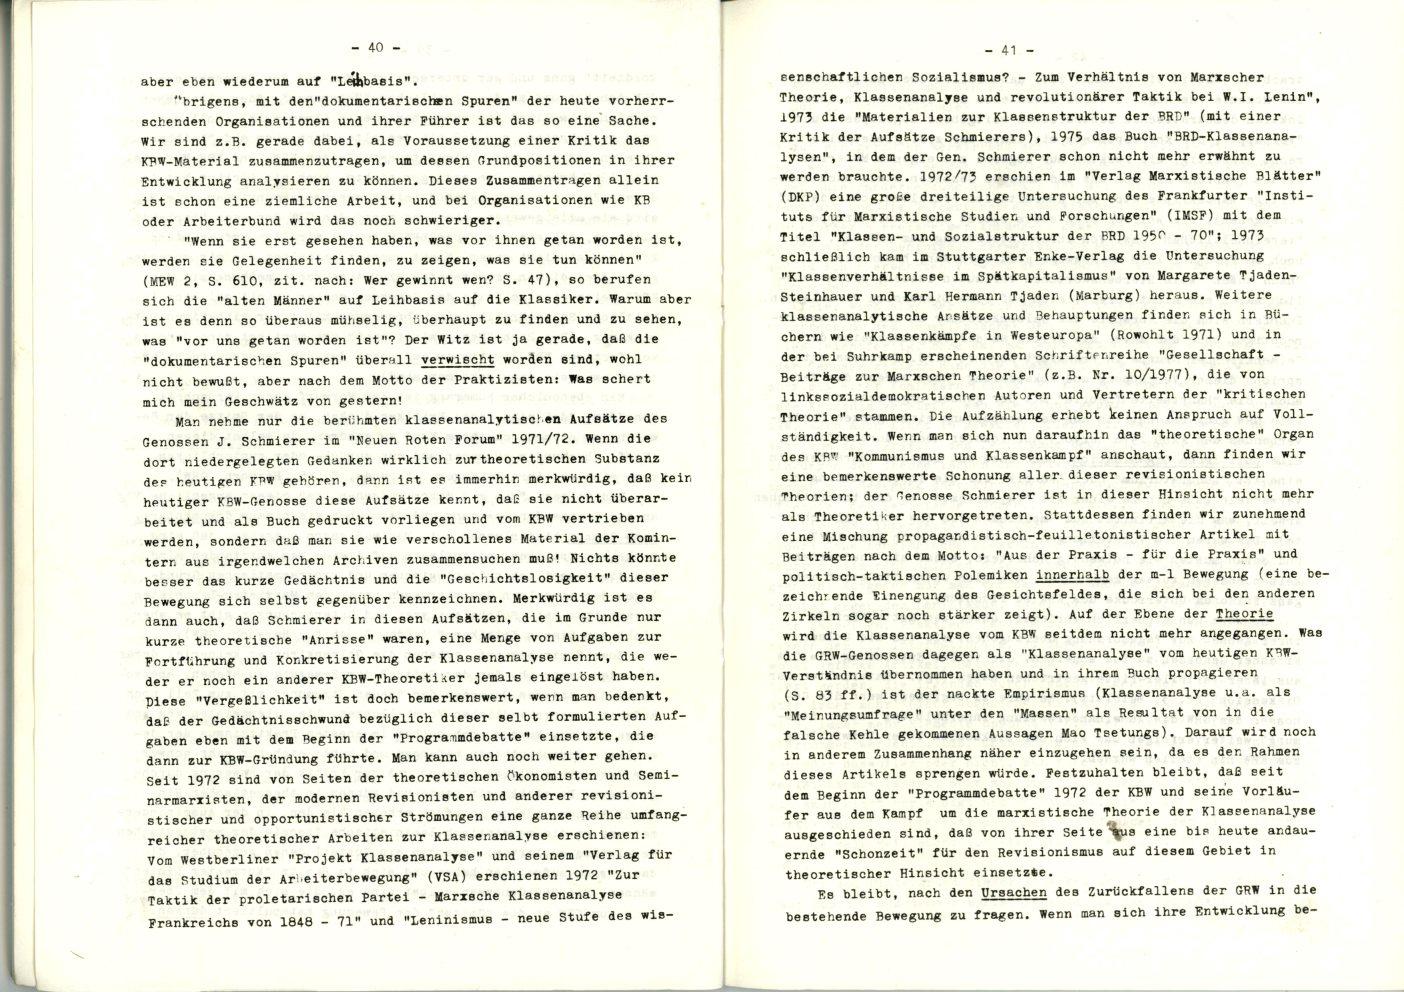 Nuernberg_Fuerth_Erlangen_ML_Diskussionsbeitraege_1979_02_21